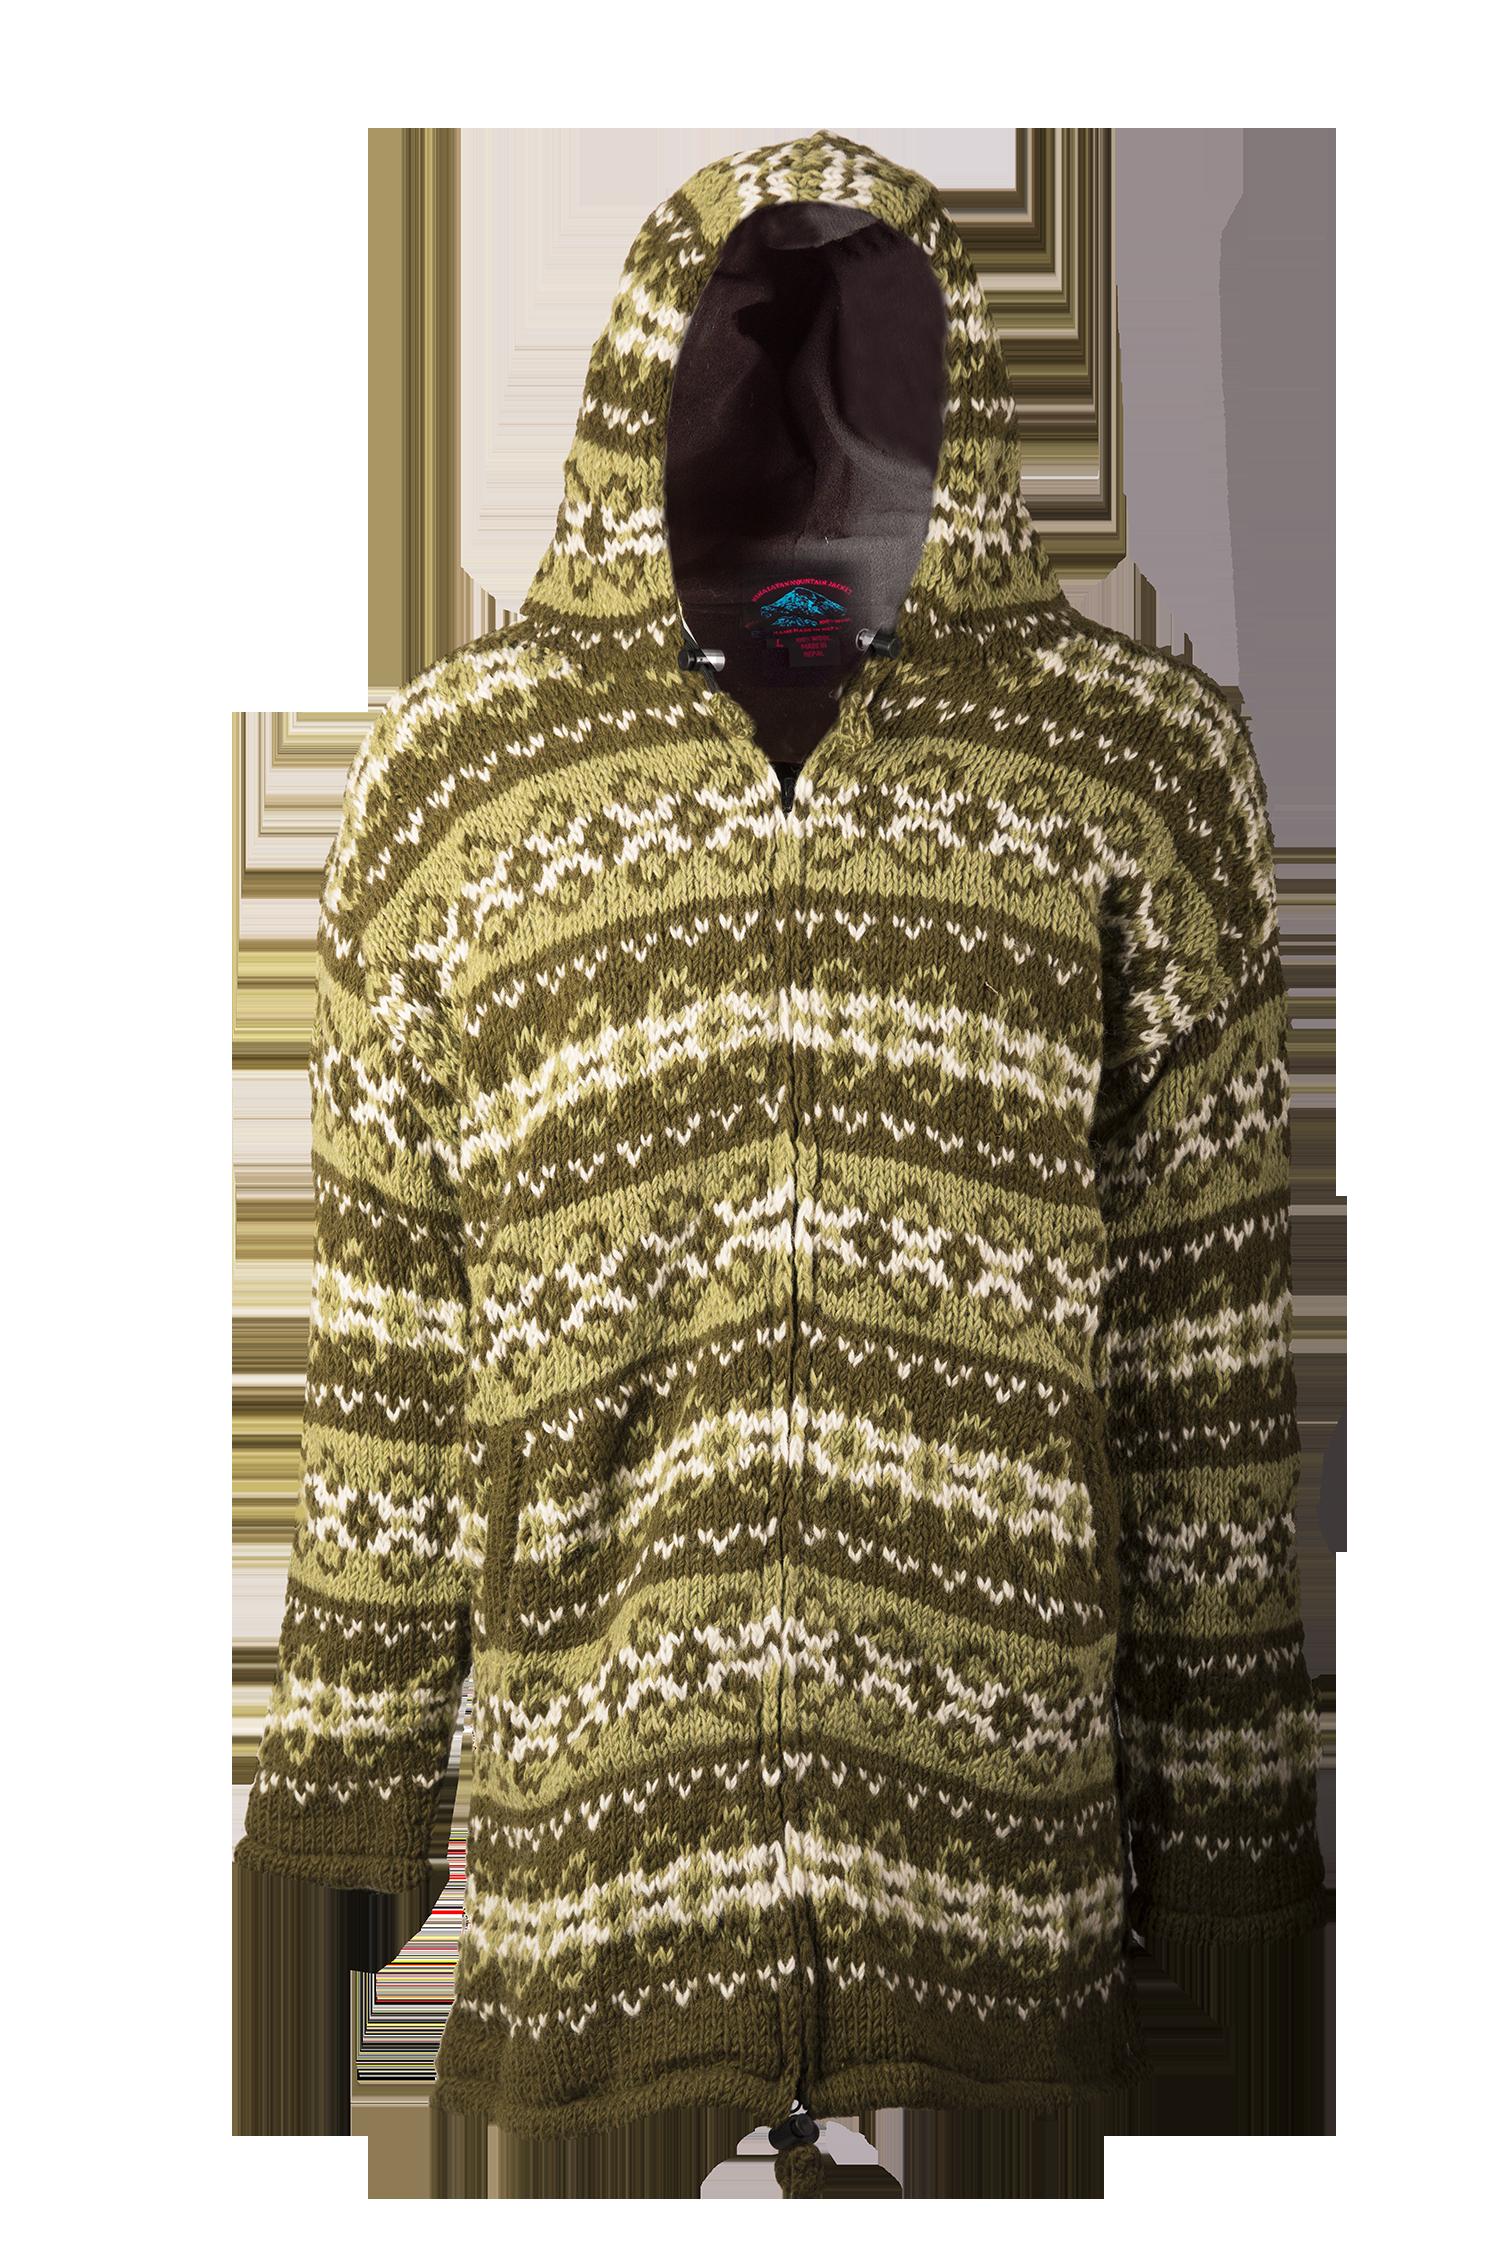 Himalayan Mountain Jacket Long Length Vintage Pattern, Green